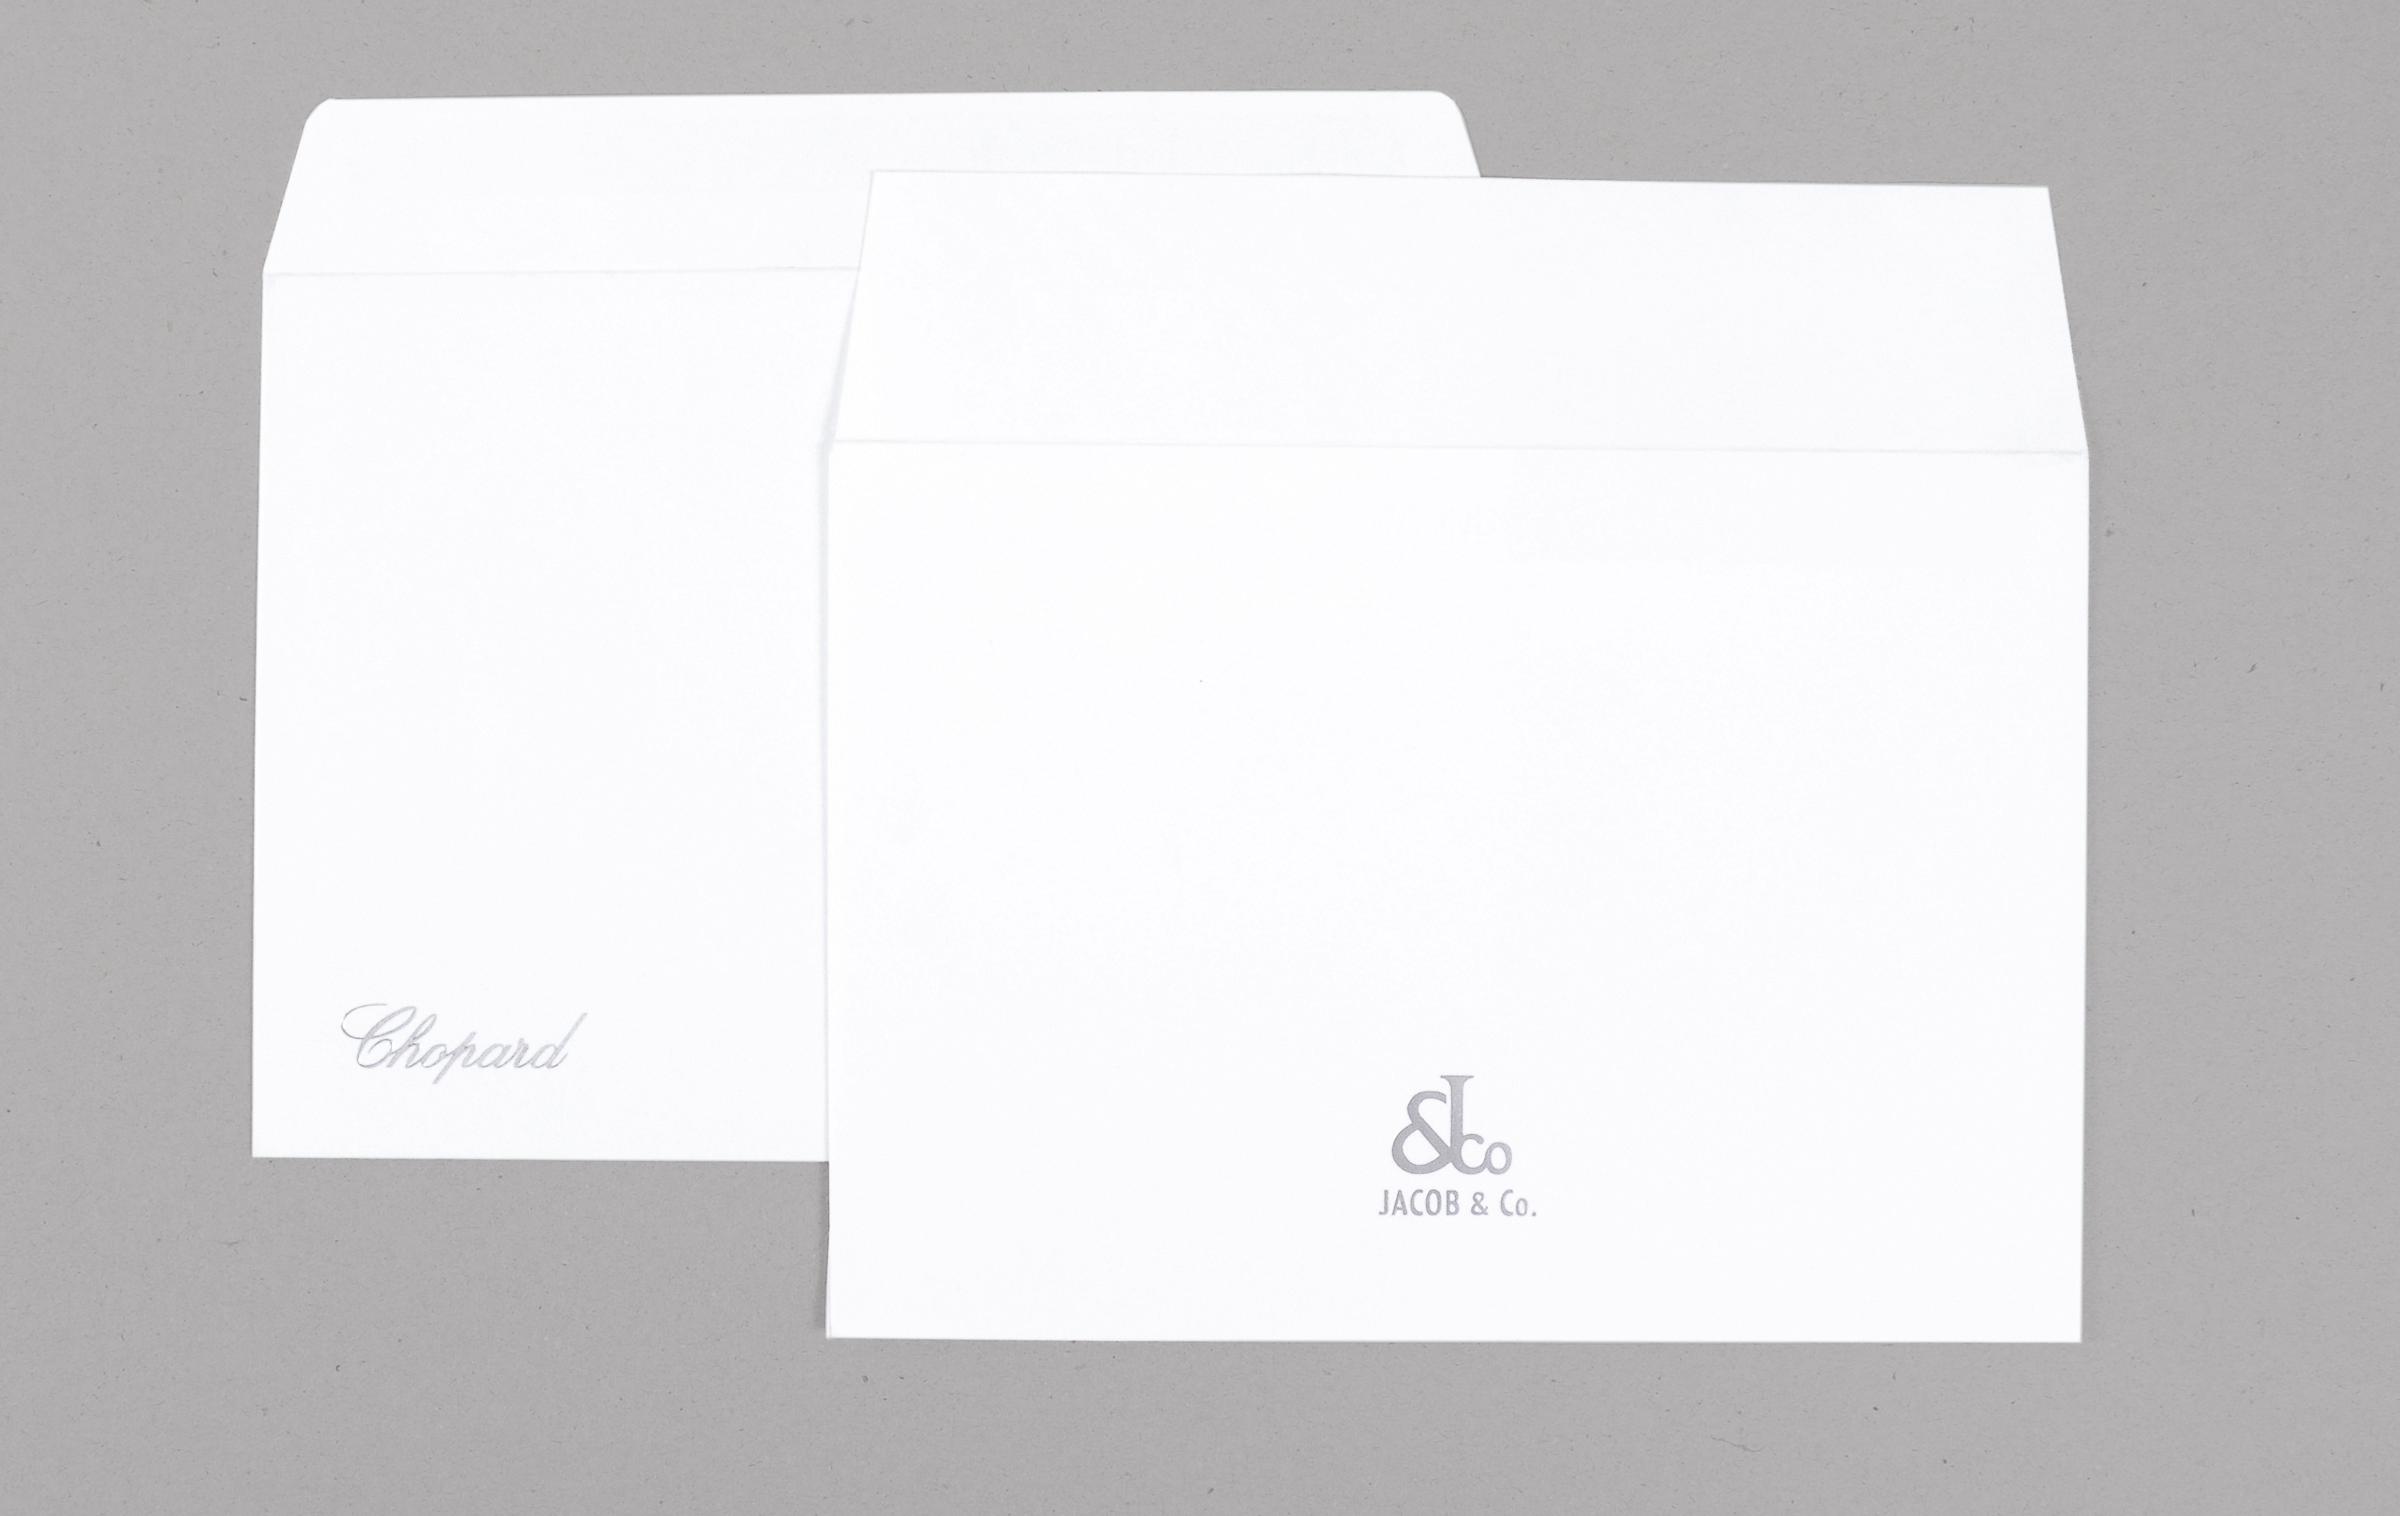 Стильное решение для изготовление фирменных конвертов премиум-класса - брендирование готовых конвертов из дизайнерских бумаг тиснением фольгой. Конверты серий Conqueror и Munchen, тиснение фольгой